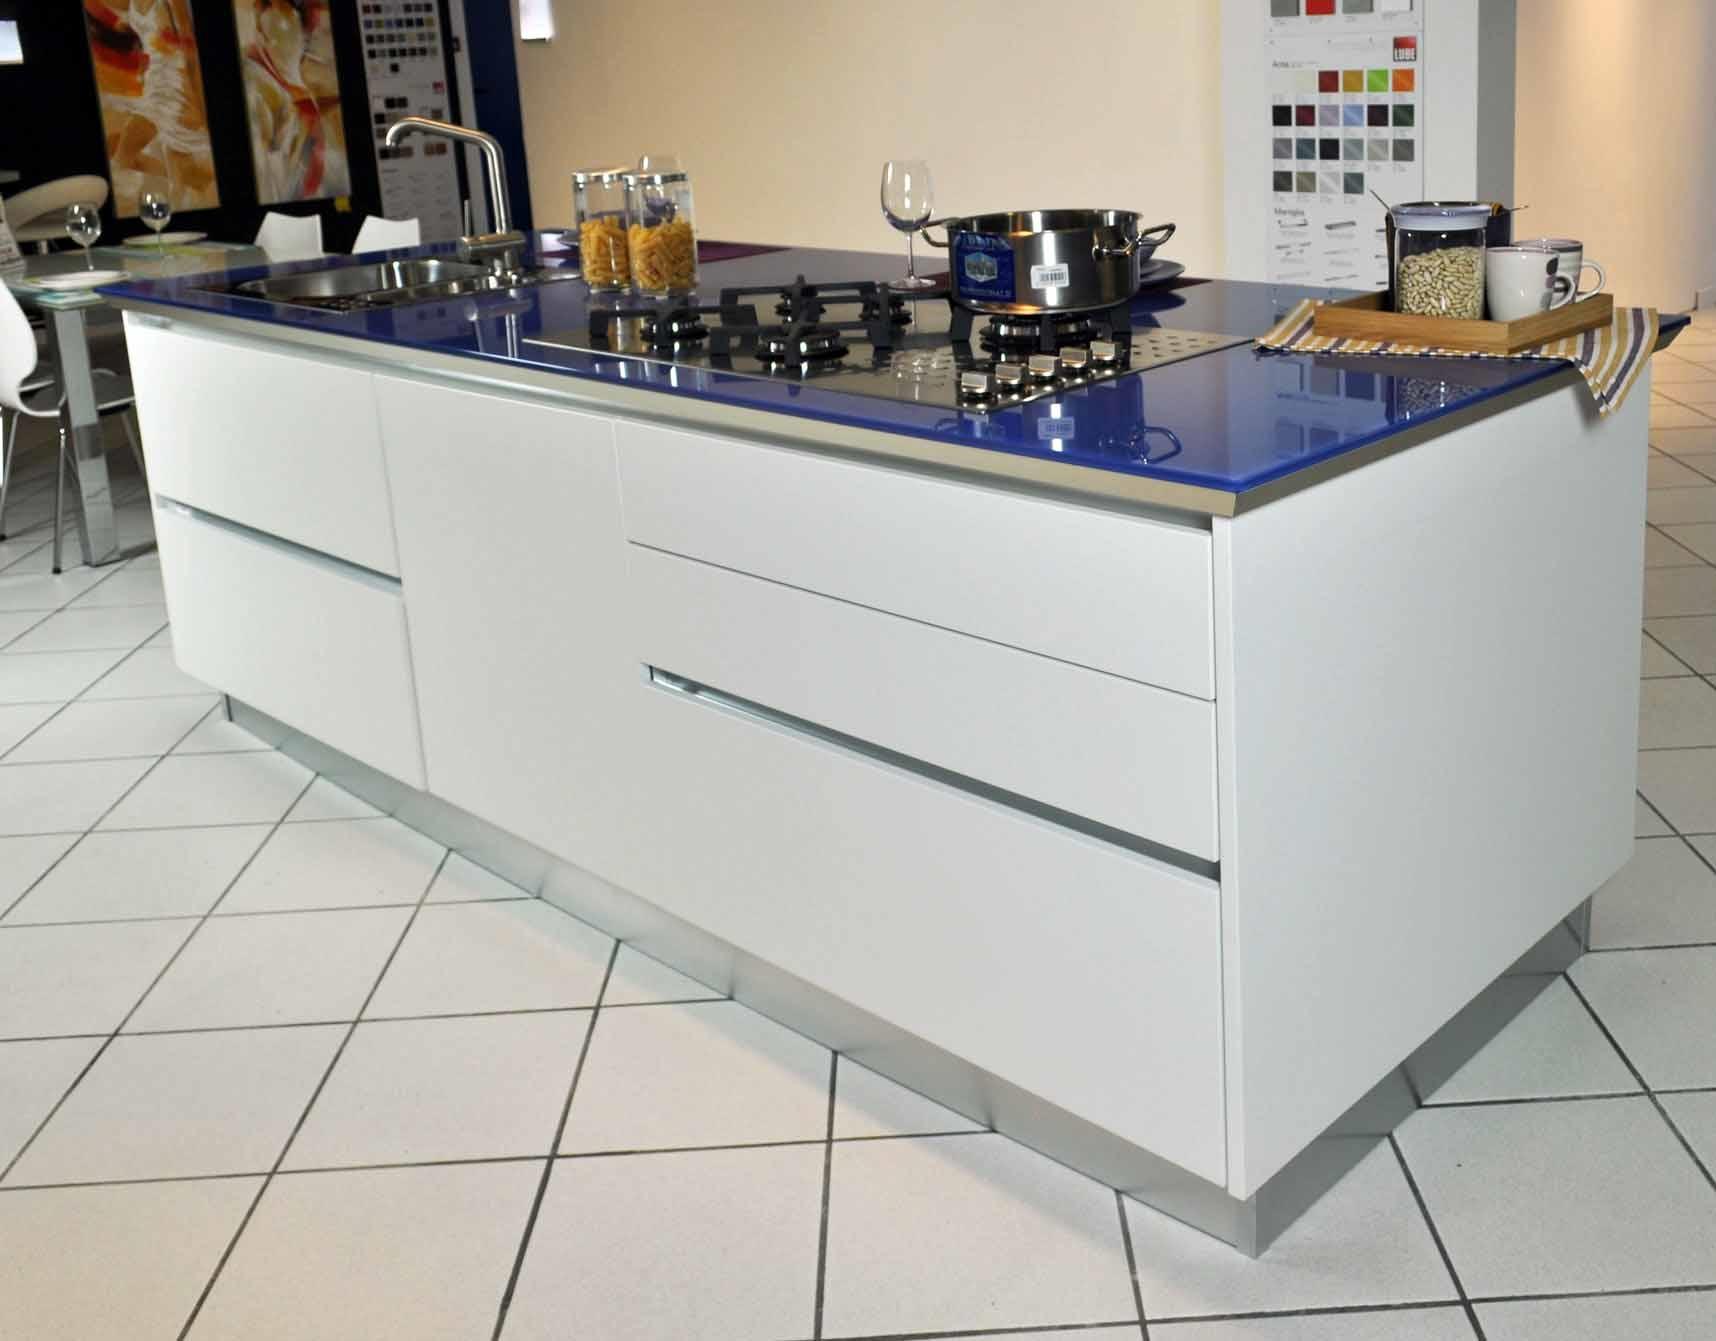 Cucina lube brava ad isola completa di elettrodomestici in - Cucina con elettrodomestici ...